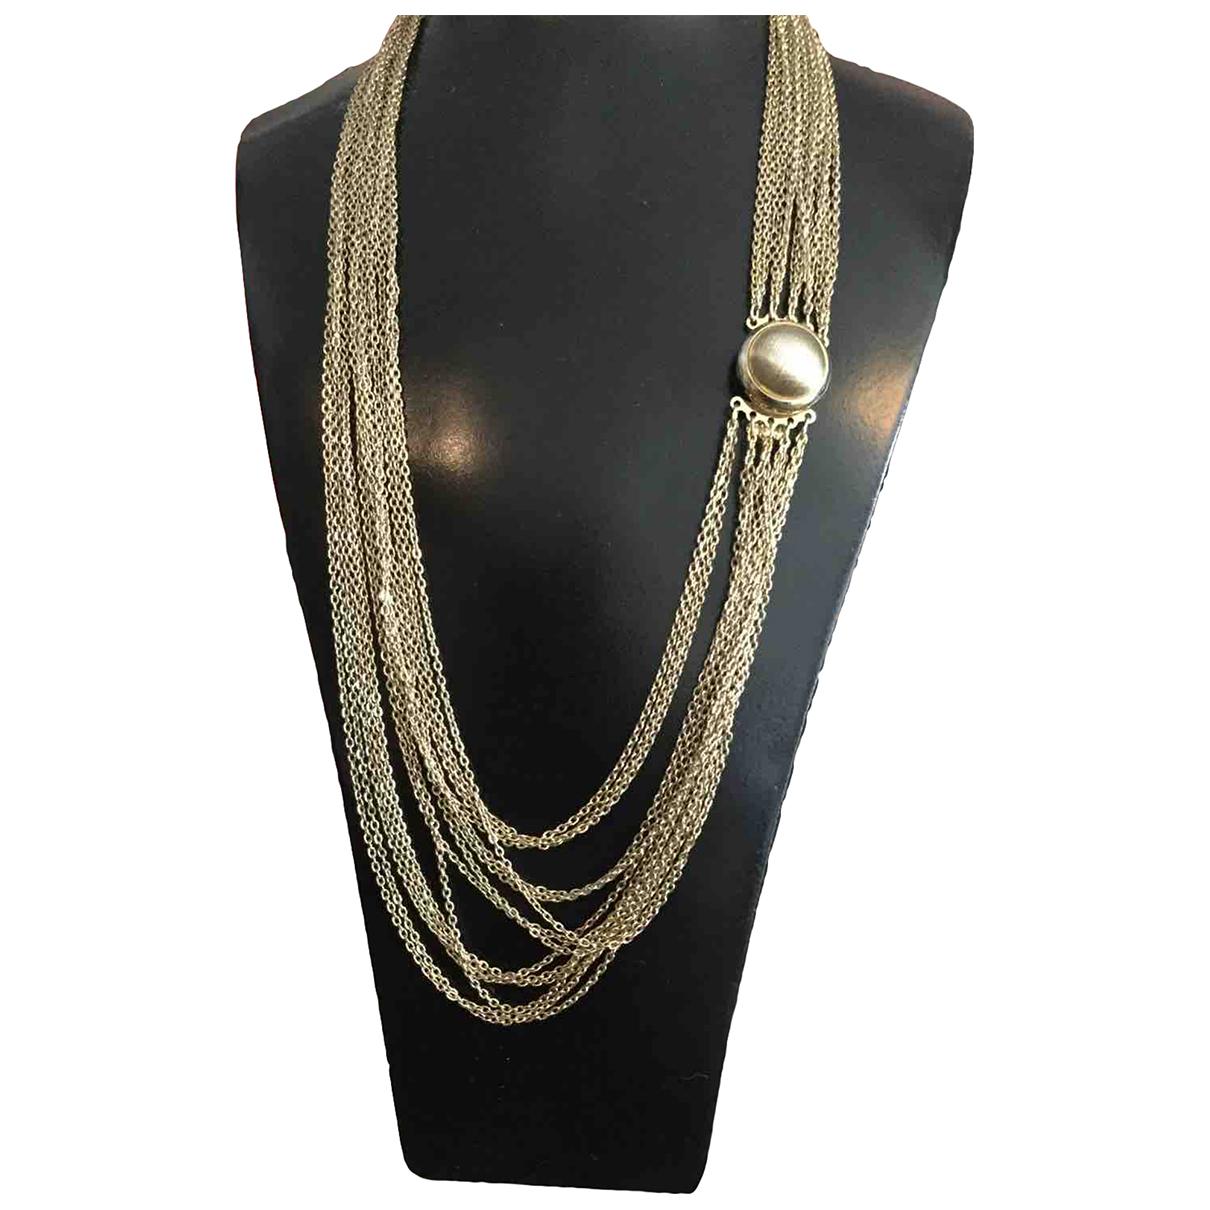 Collar Art Deco Non Signe / Unsigned